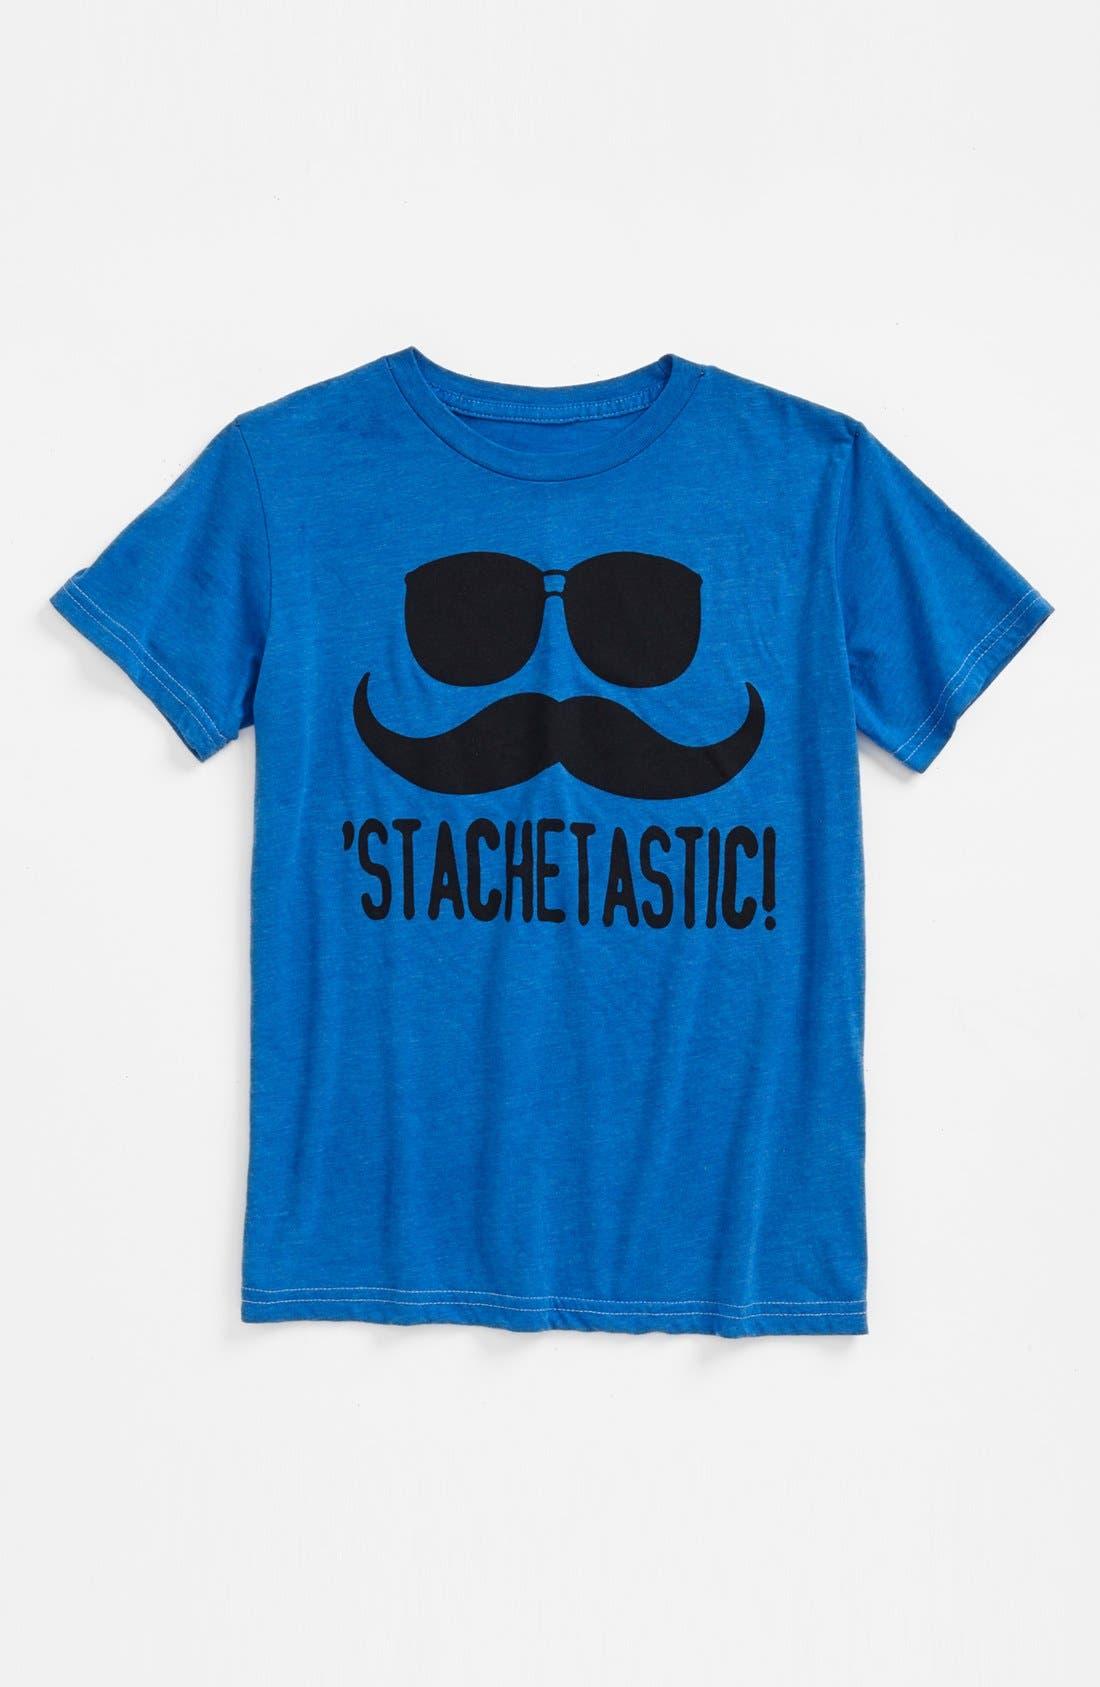 Main Image - Jem 'Stachetastic' Screenprint T-Shirt (Big Boys)